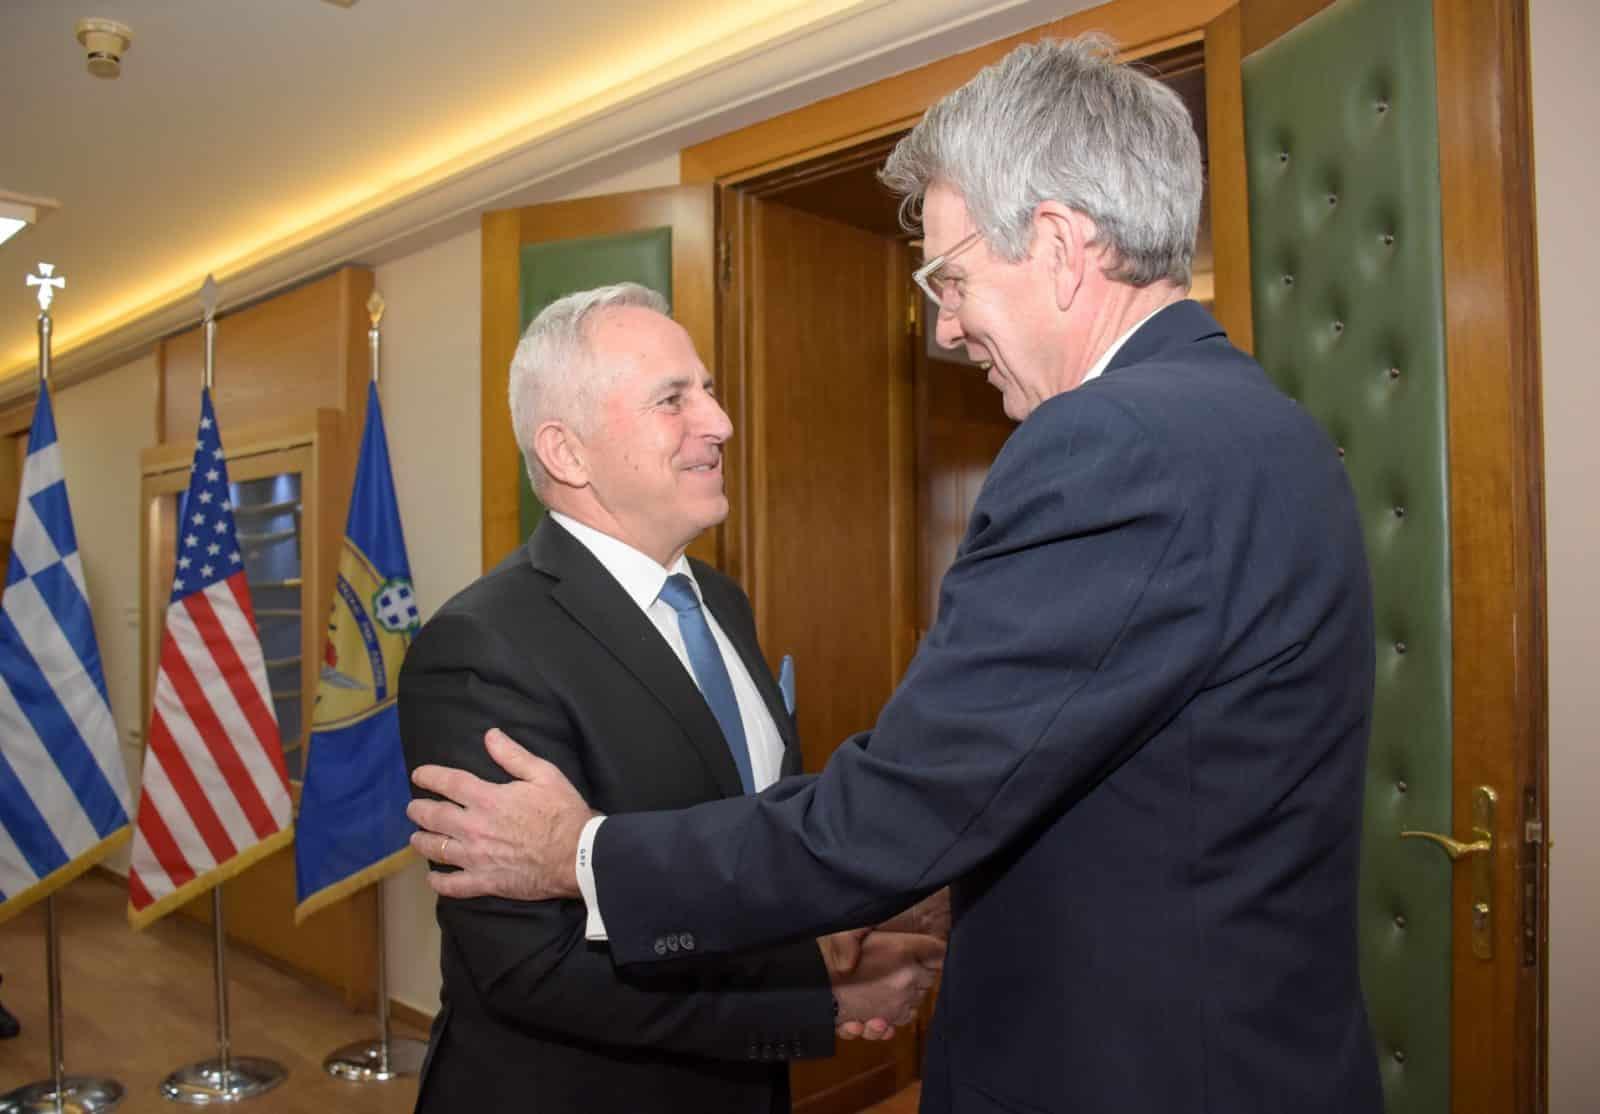 Αποστολάκης - Πρώτη συνάντηση με διπλωμάτη: ο Αμερικανός πρέσβης